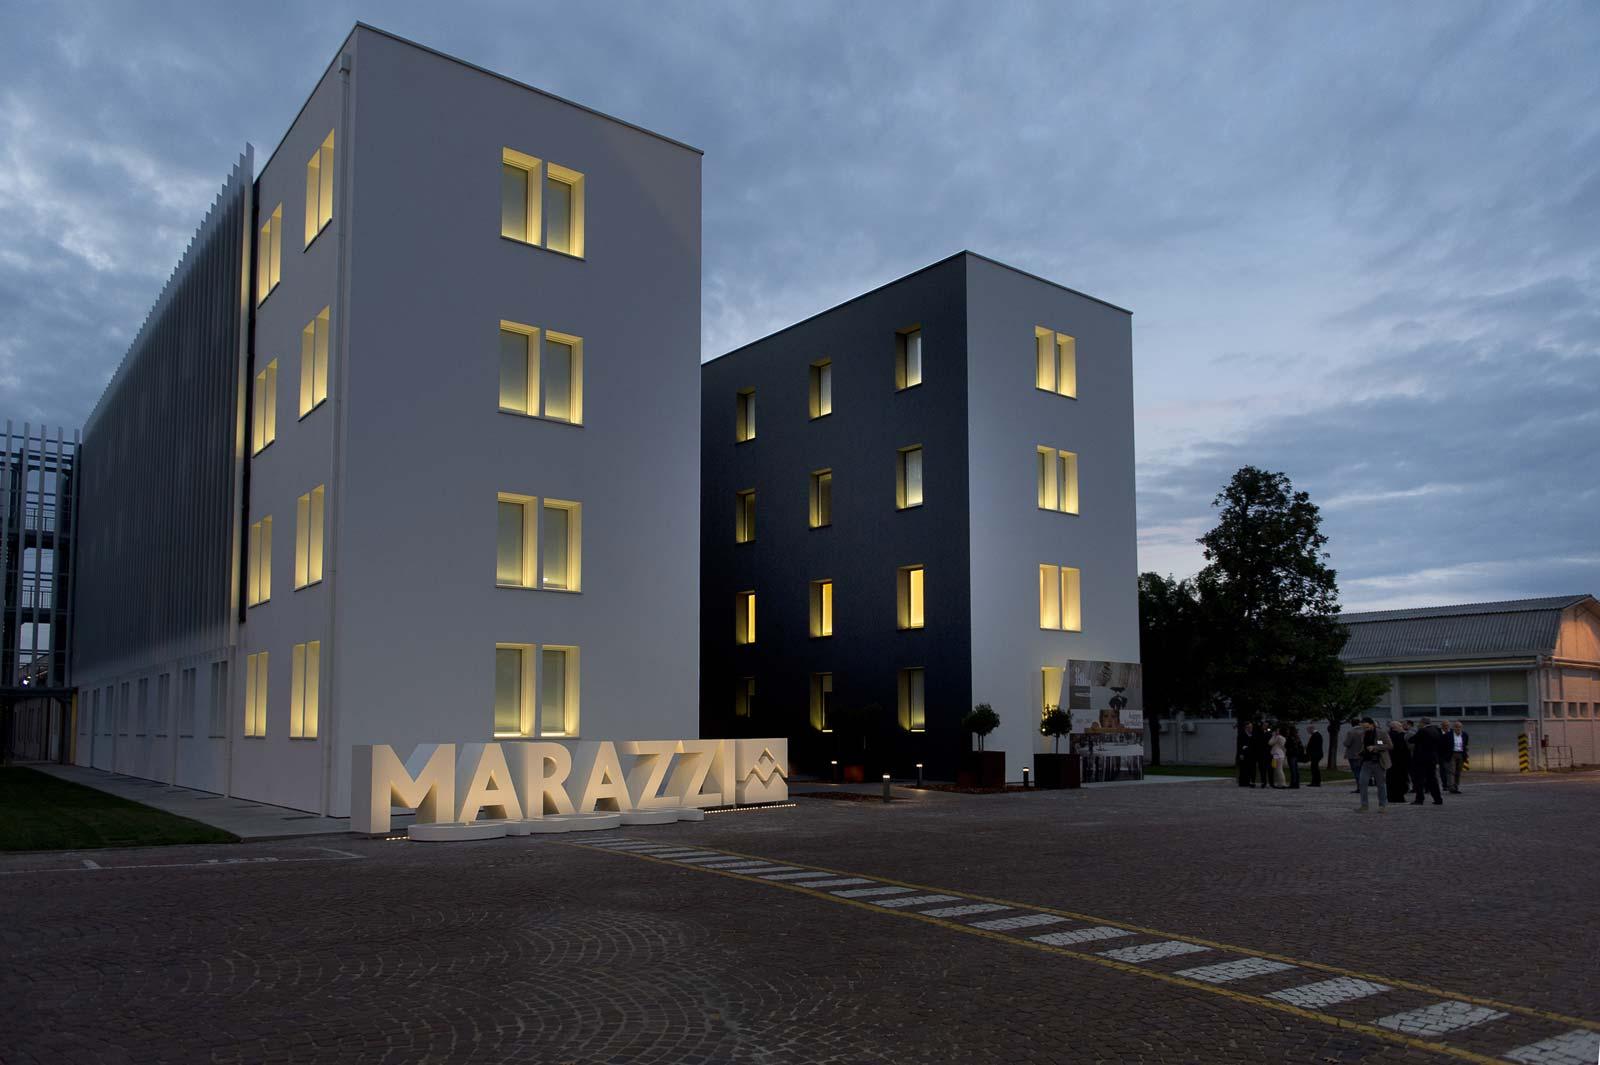 inaugurata la nuova sede principale della marazzi marazzi